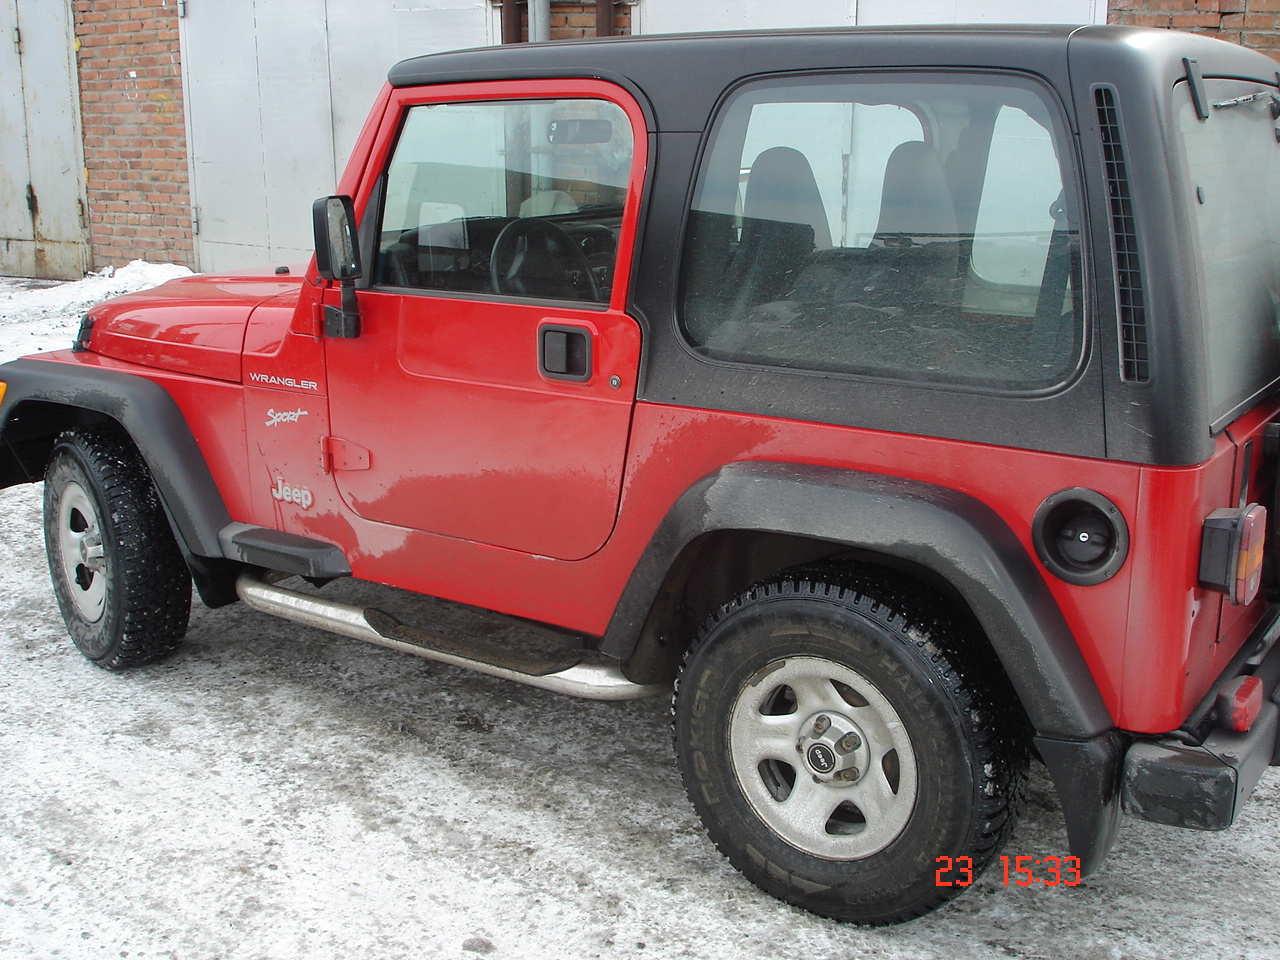 2000 jeep wrangler images 2500cc gasoline manual for sale. Black Bedroom Furniture Sets. Home Design Ideas